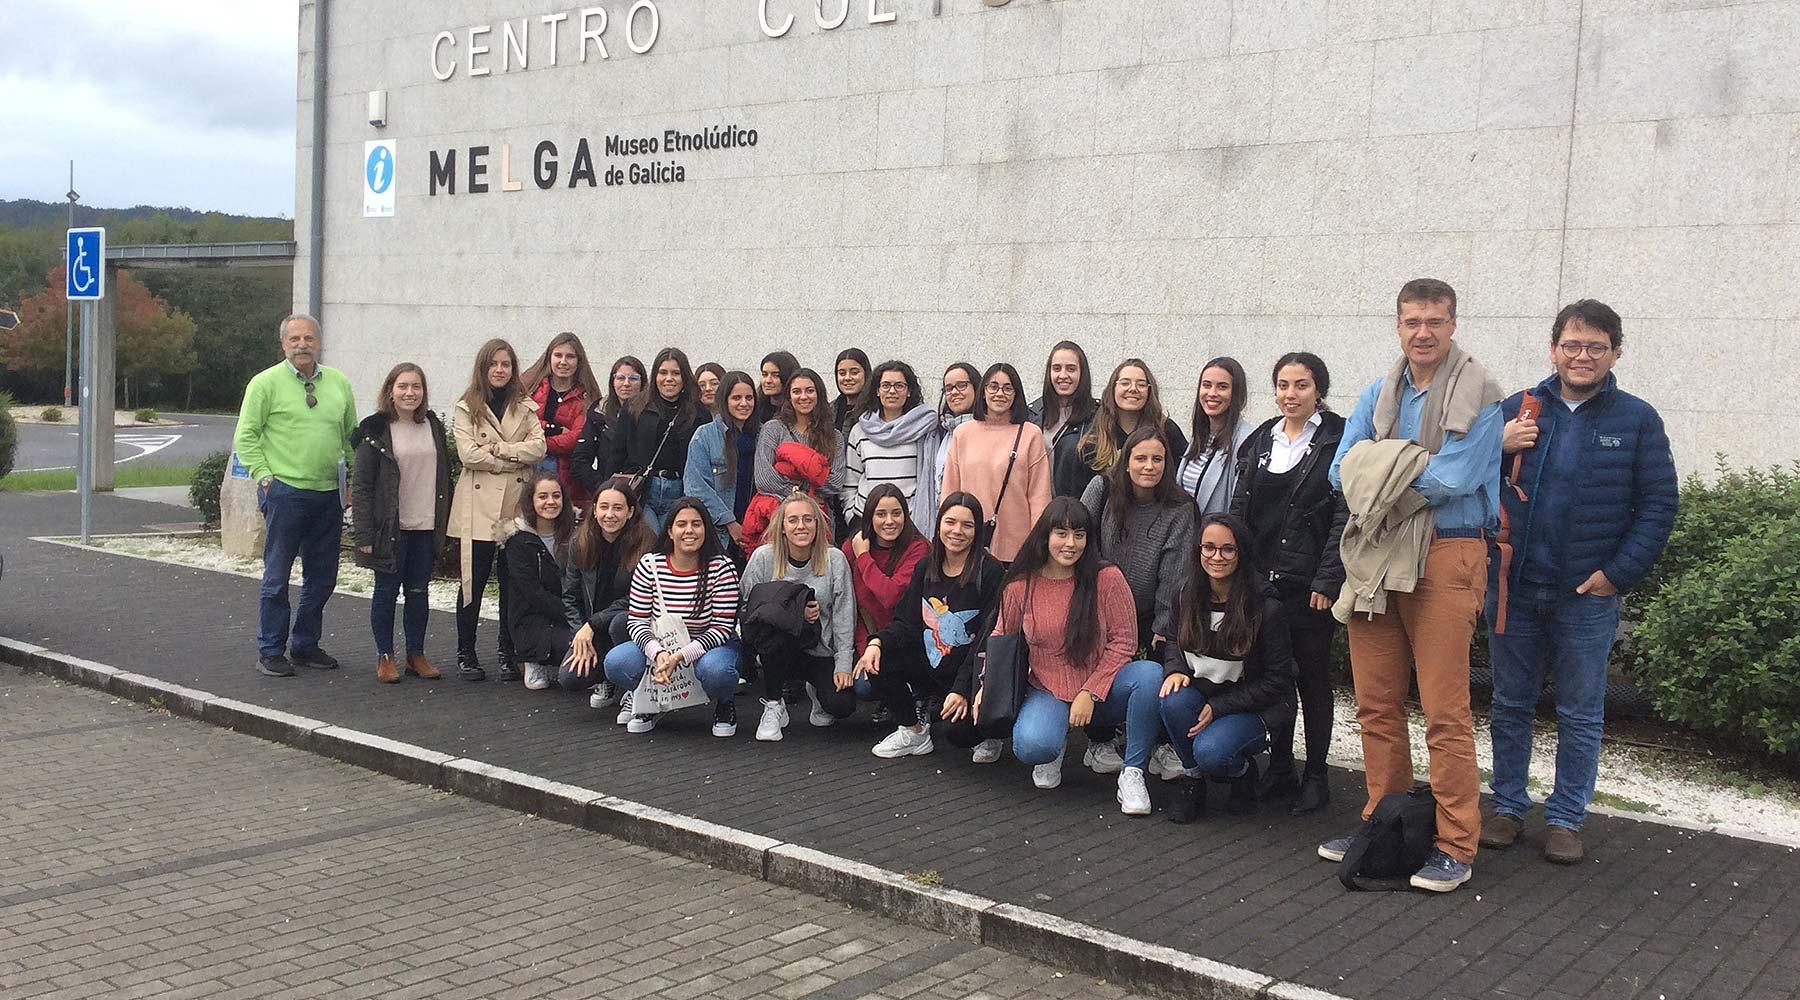 As futuras pedagogas e mestras da Facultade de Ciencias da Educación da Universidad de Santiago de Compostela regresan ao Melga na súa cita anual